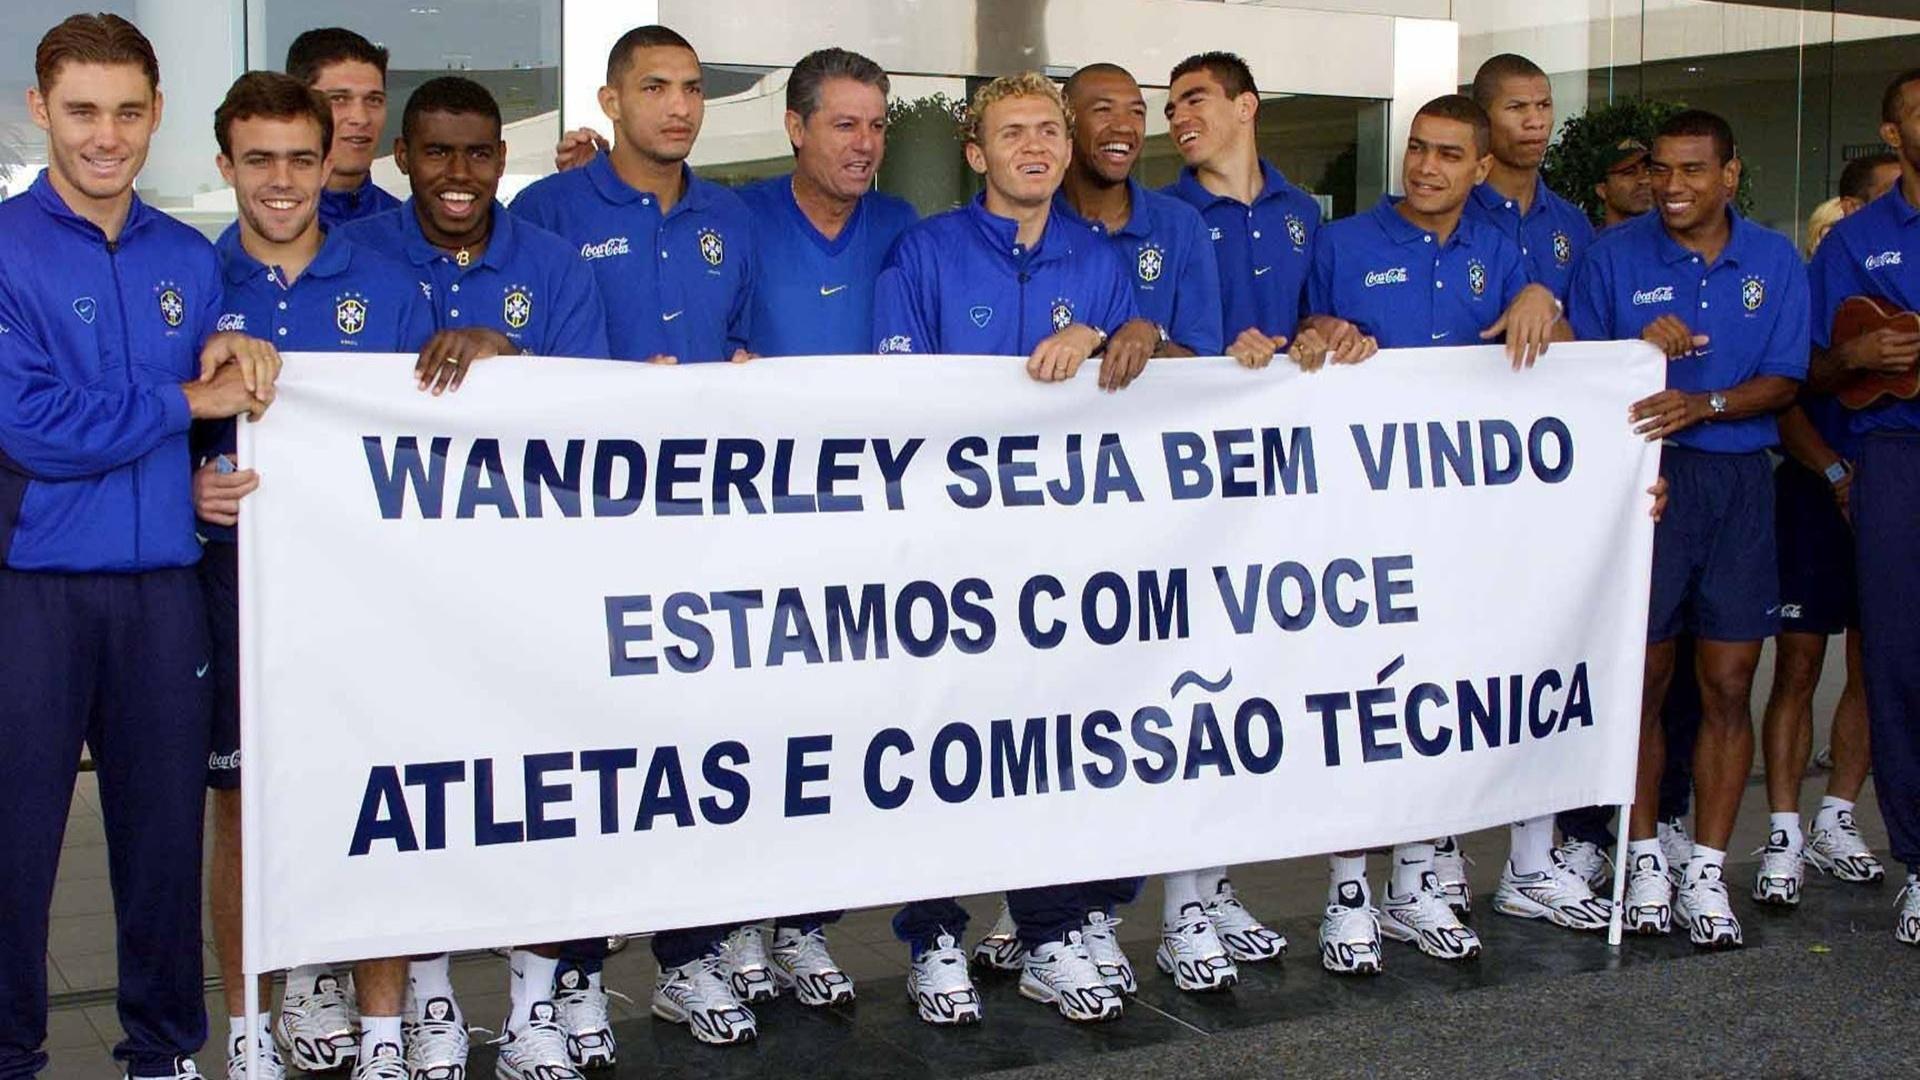 Recepção do técnico Vanderlei Luxemburgo pelos jogadores da seleção olímpica brasileira em Sydney-2000